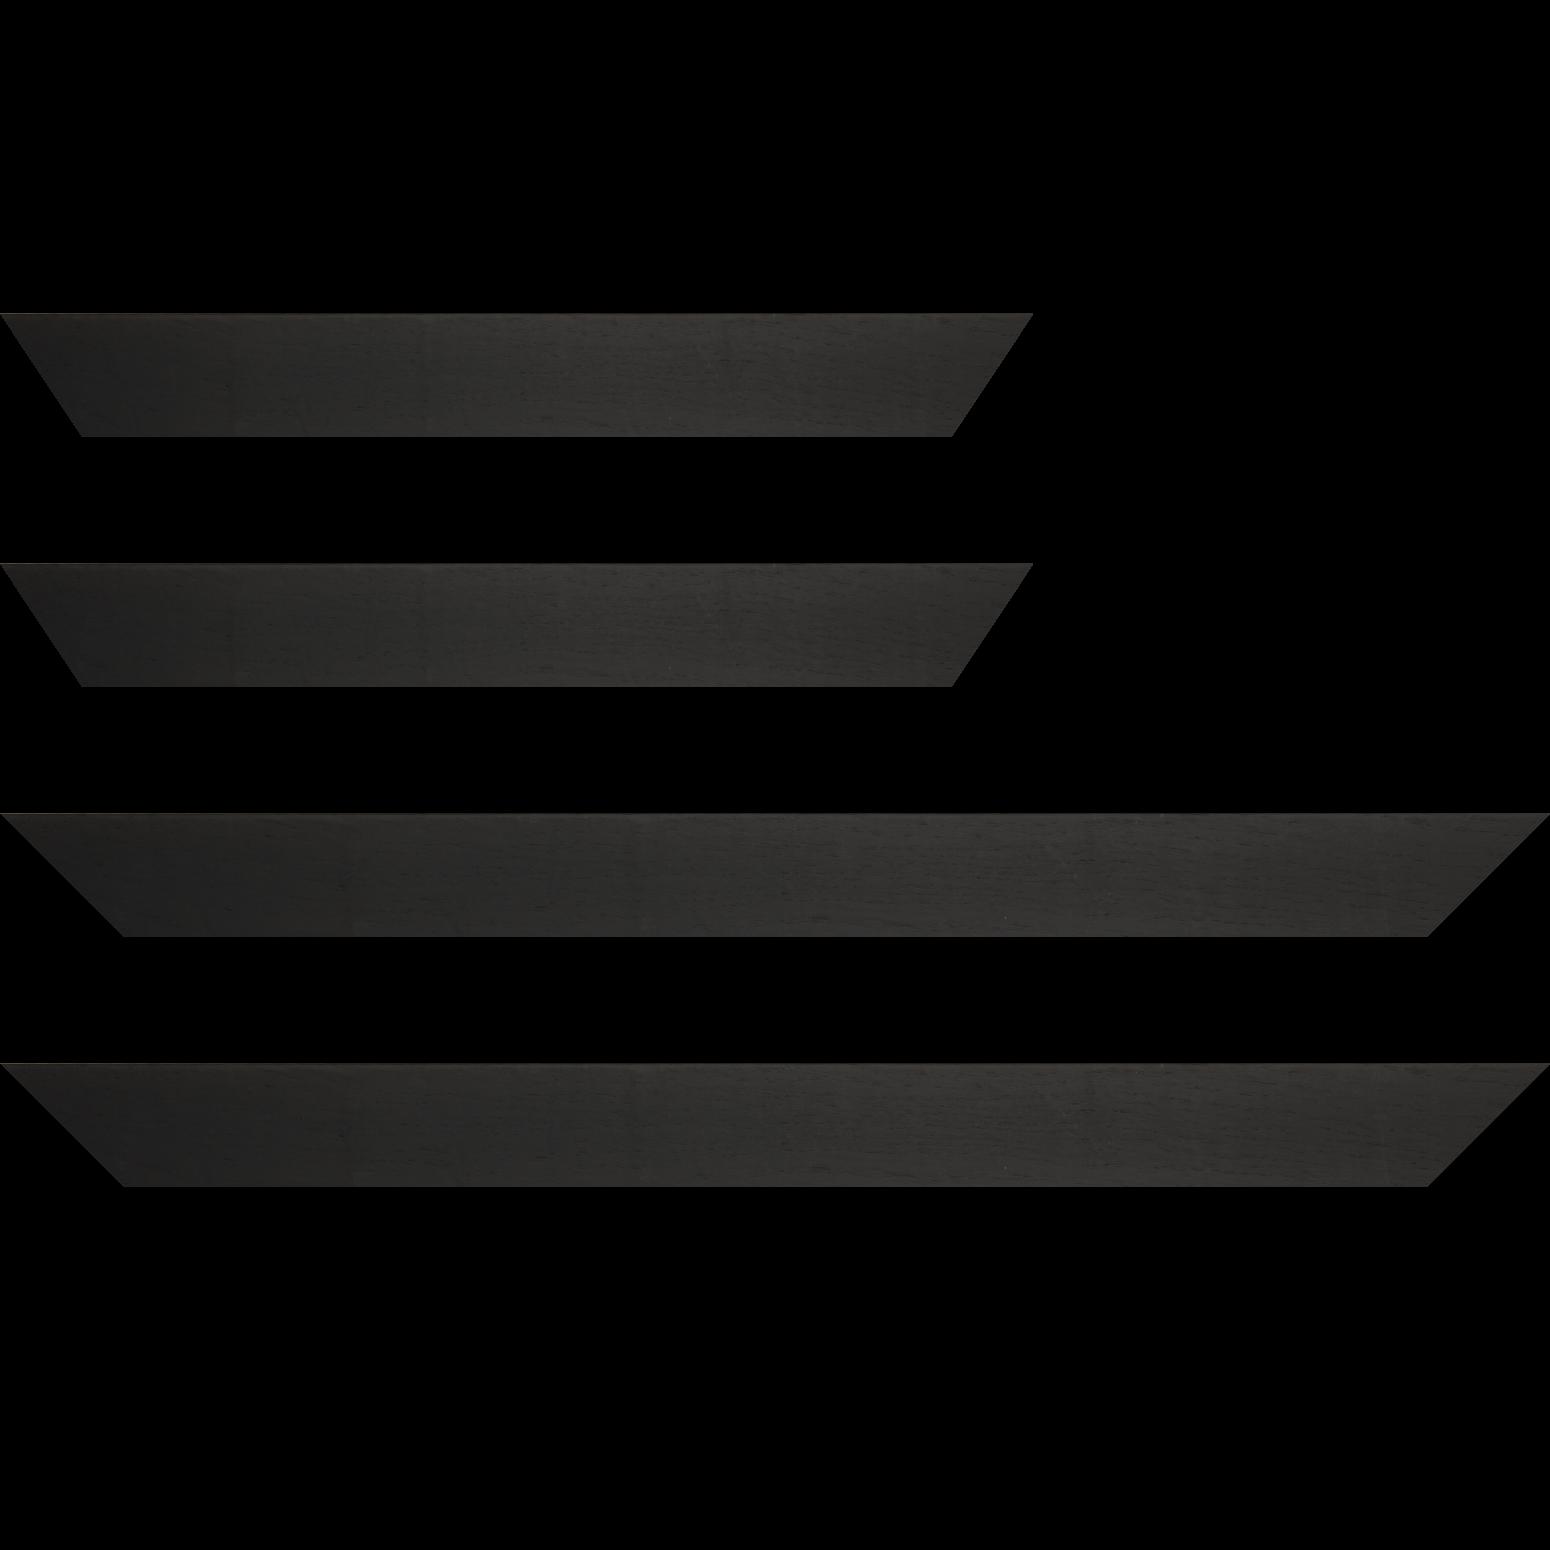 Baguette service précoupé Bois profil plat largeur 4cm plaquage haut de gamme chêne teinté noir